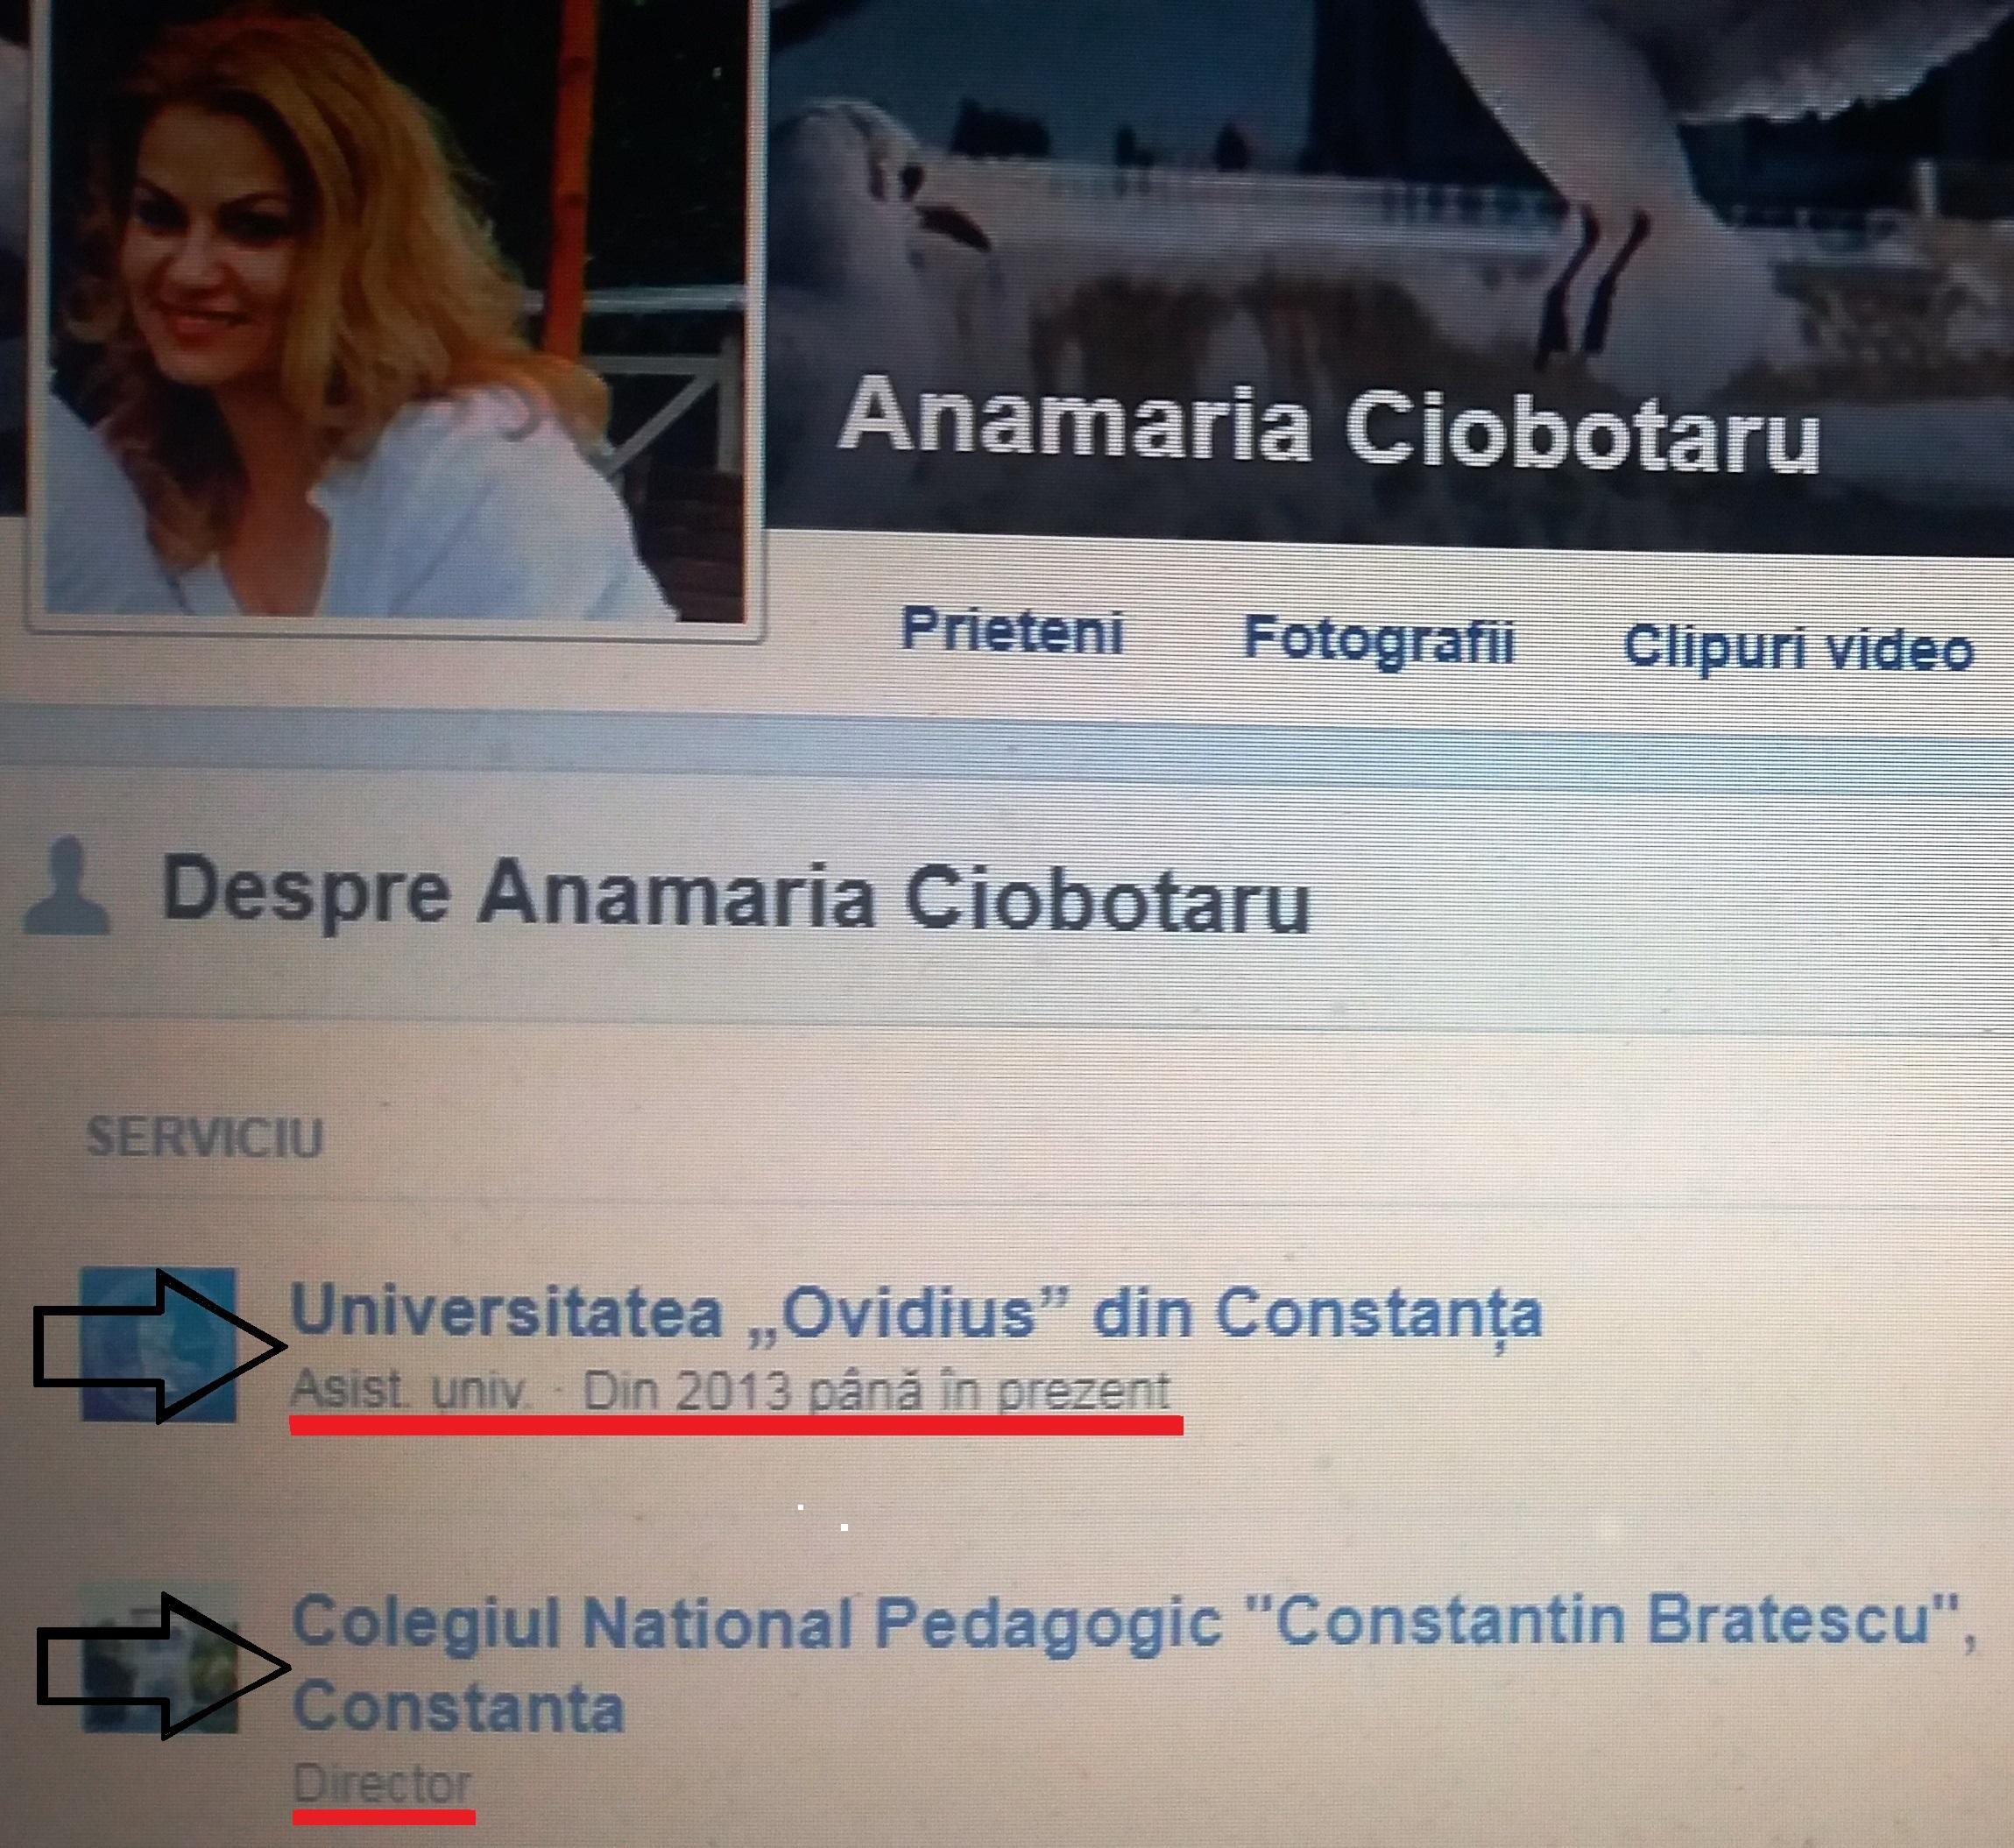 """Pe pagina personală de pe facebook, doctora Anamaria Ciobotaru pretinde că este """"asist. univ. din 2013 și până în prezent"""", dar este de negăsit pe portalul Universității """"Ovidius"""" din Constanța!"""